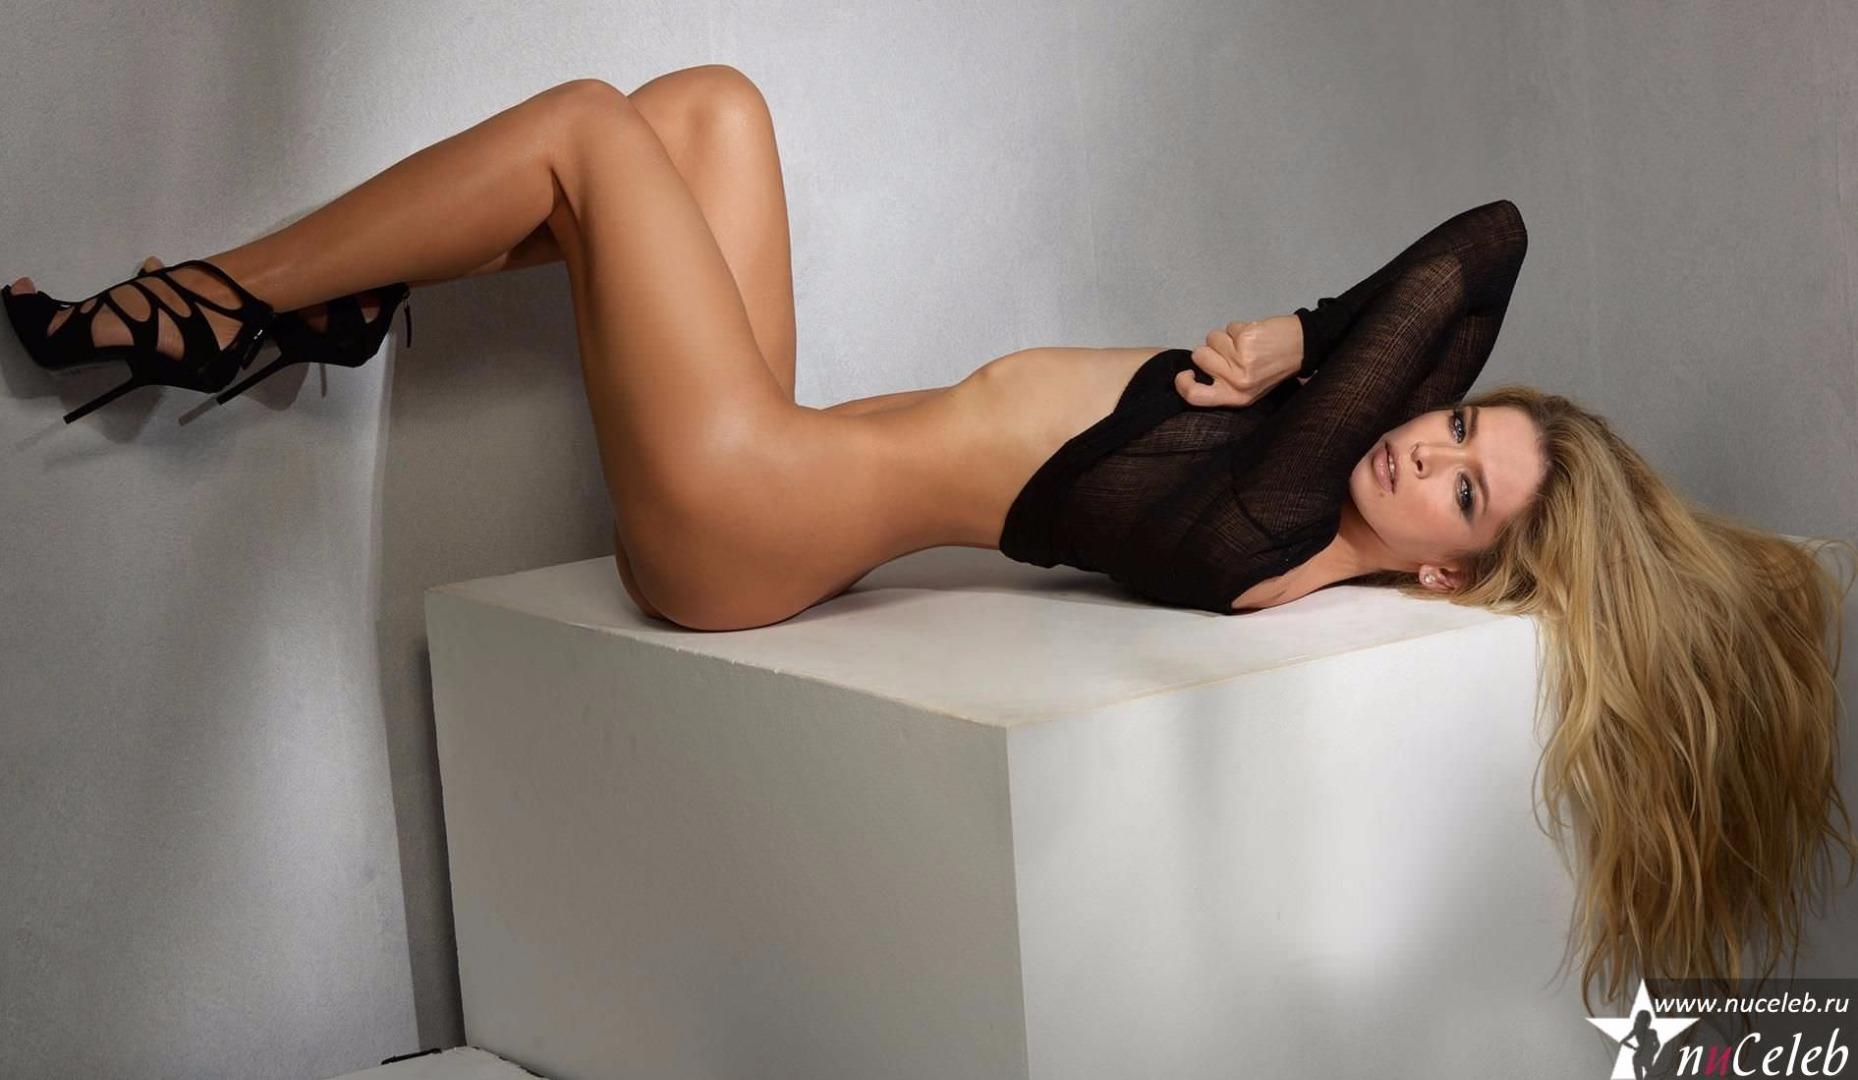 seksualnaya-vera-brezhneva-foto